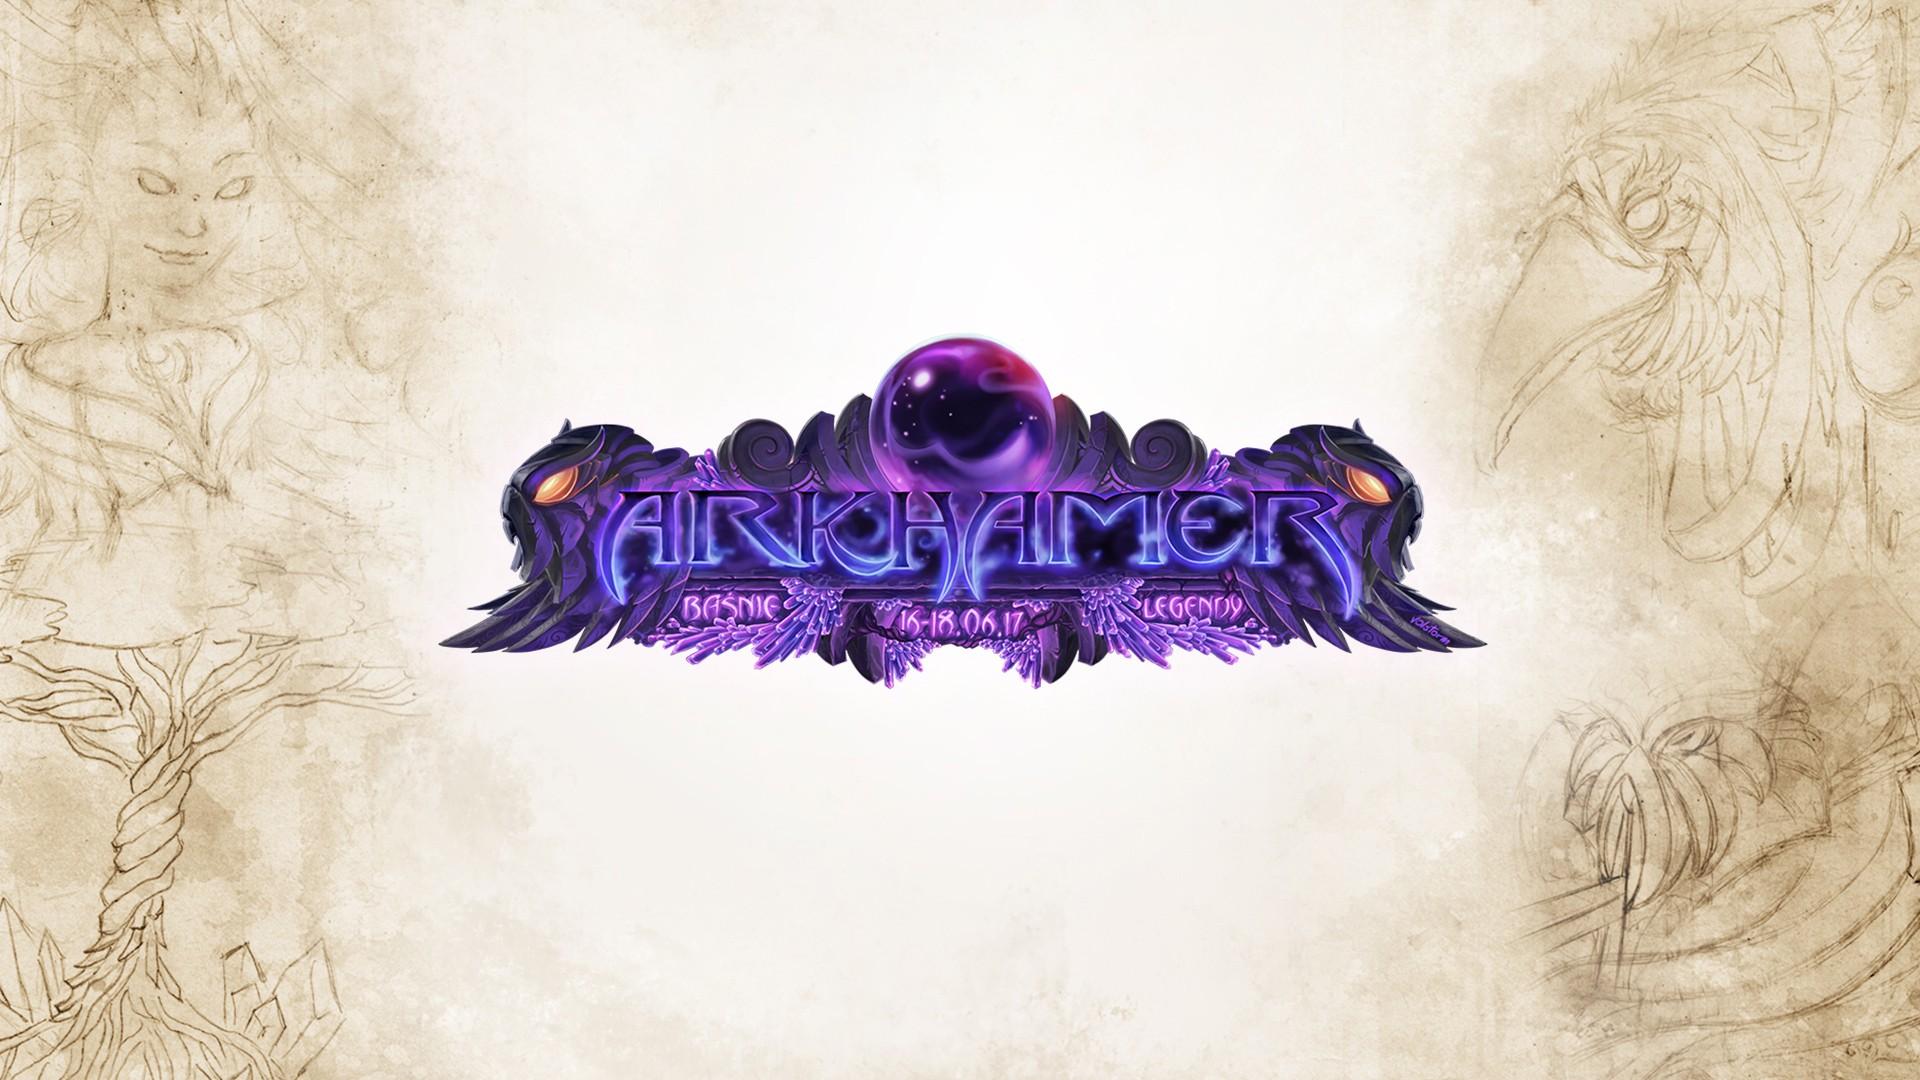 Arkhamer